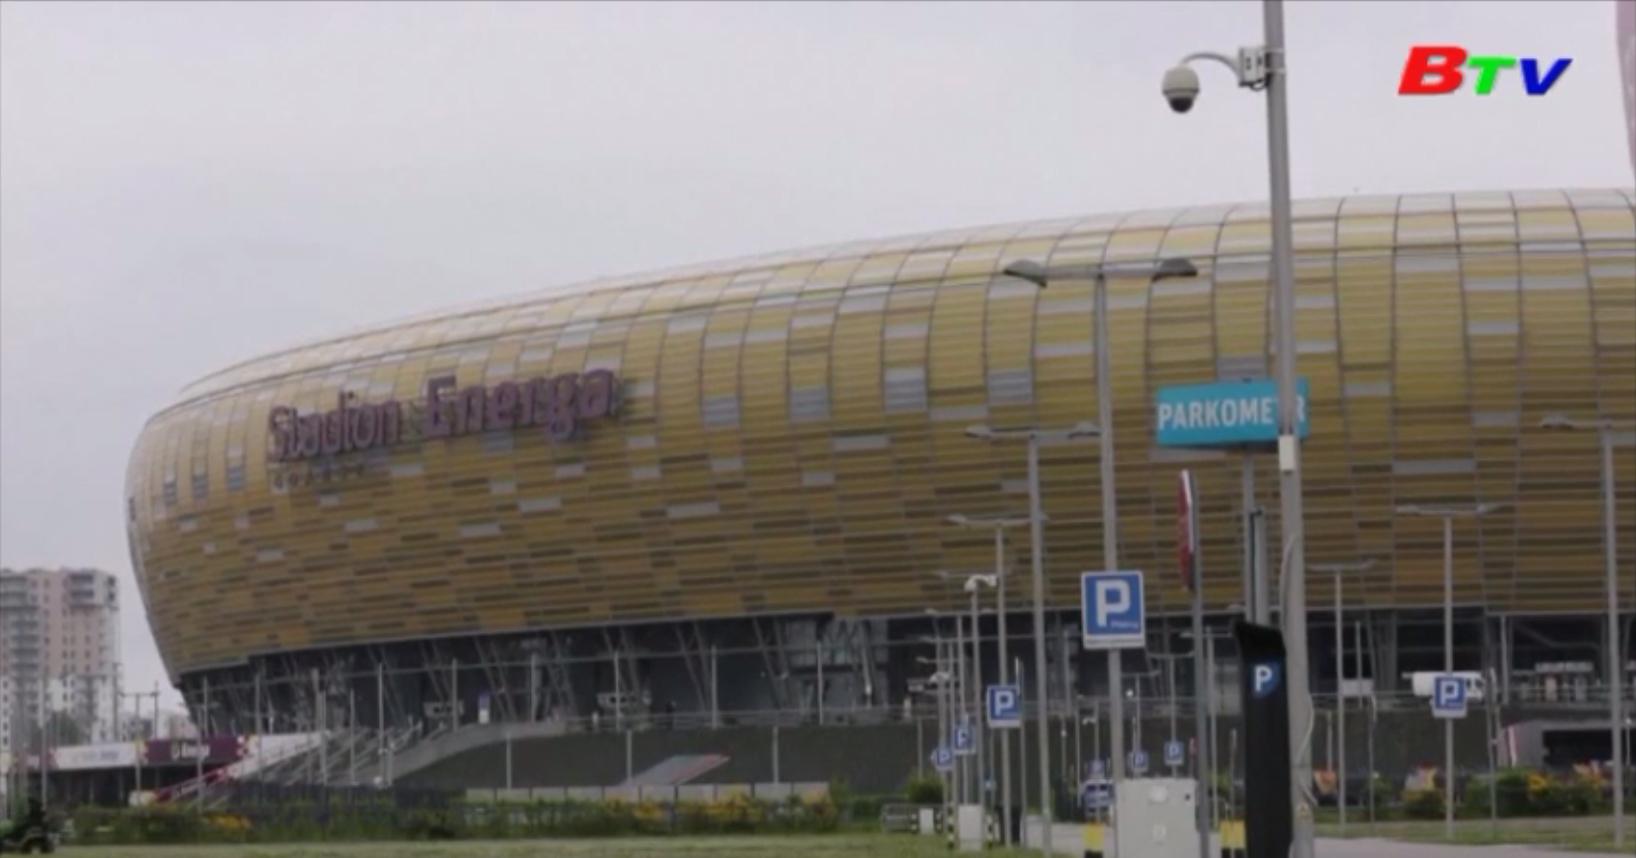 Trận chung kết Europa League dự kiến diễn ra vào ngày 26/8